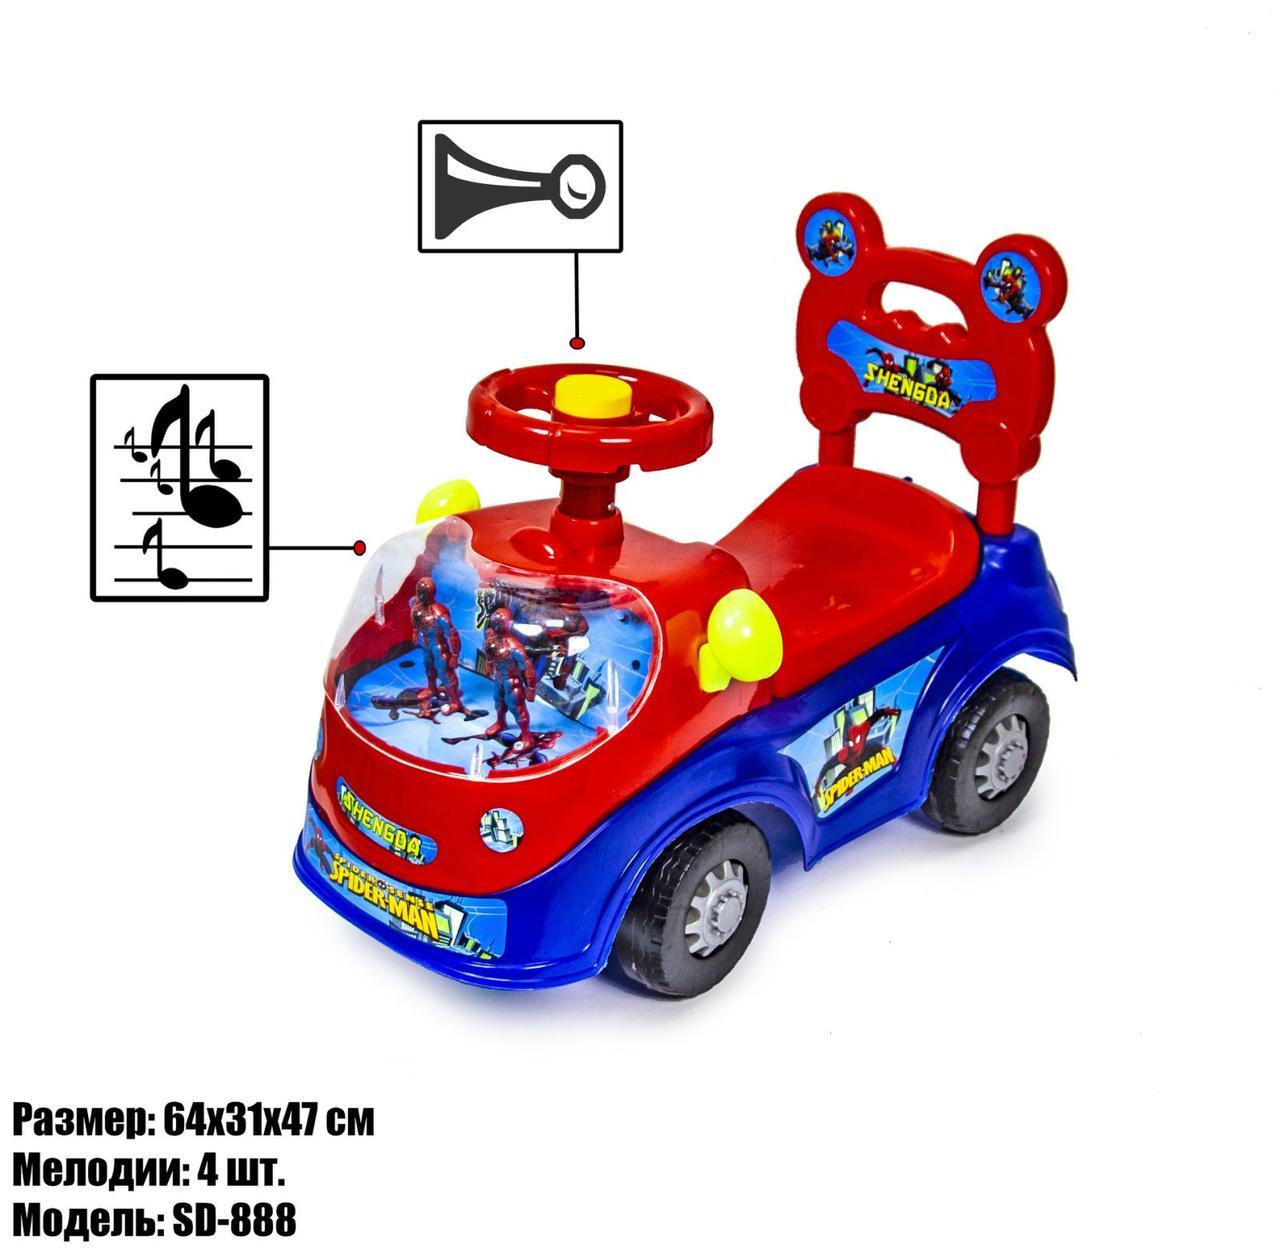 Машинка толокар музыкальная детская каталка для прогулок 4 мелодии Spiderman 888 Синий